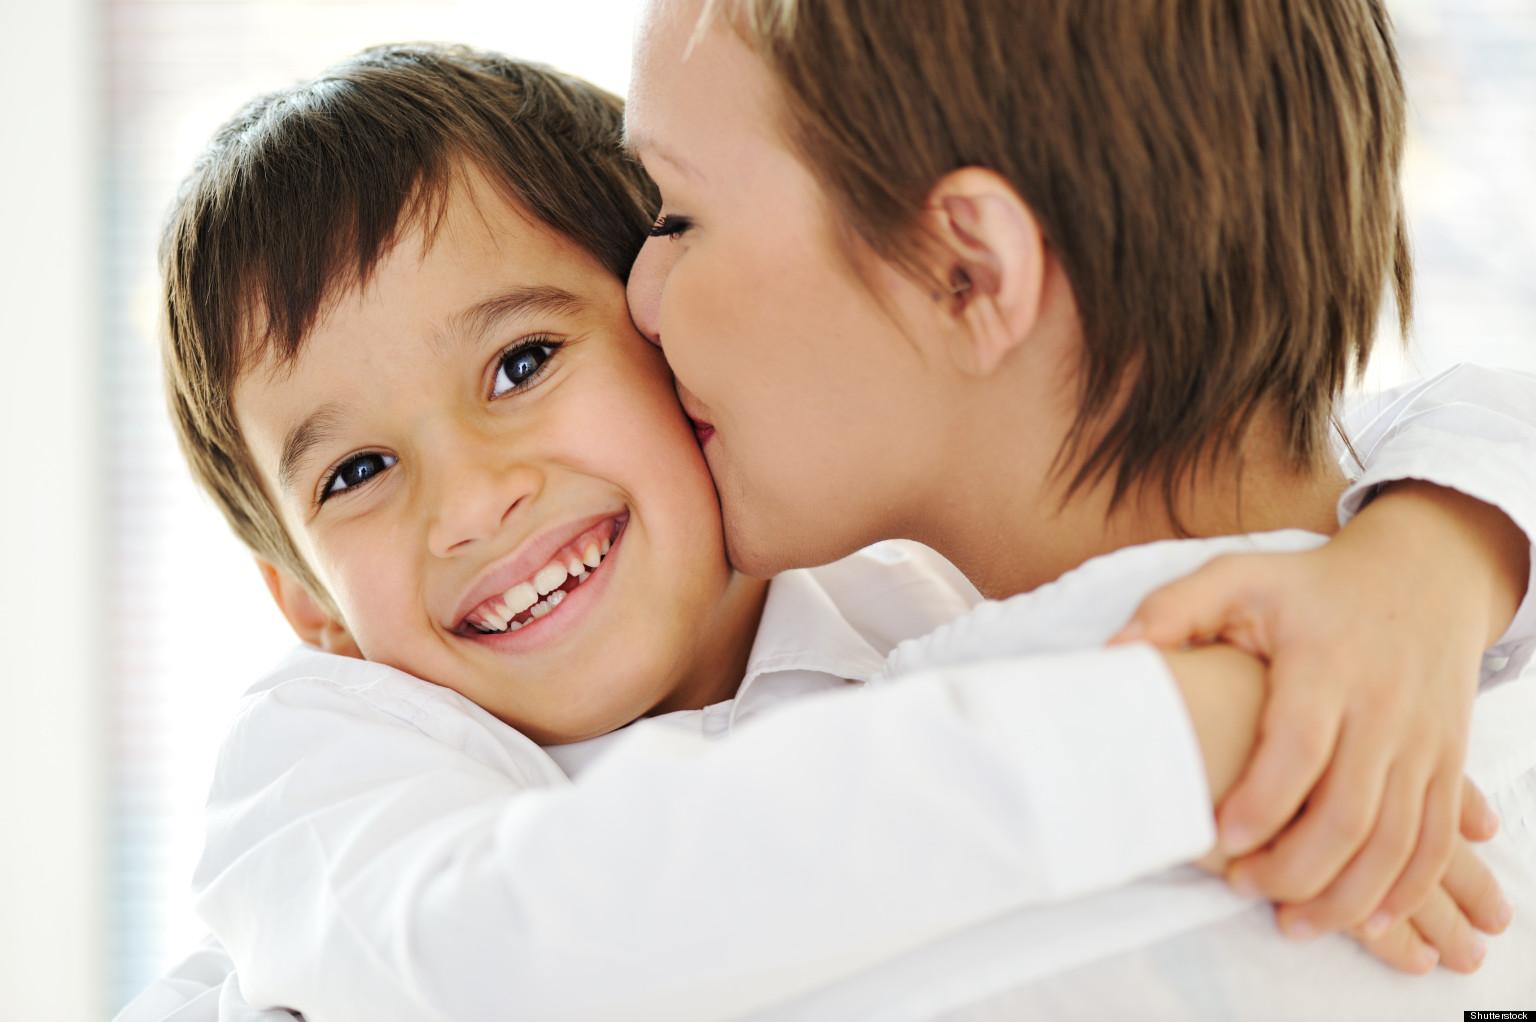 Фоторассказы мать и сын 7 фотография